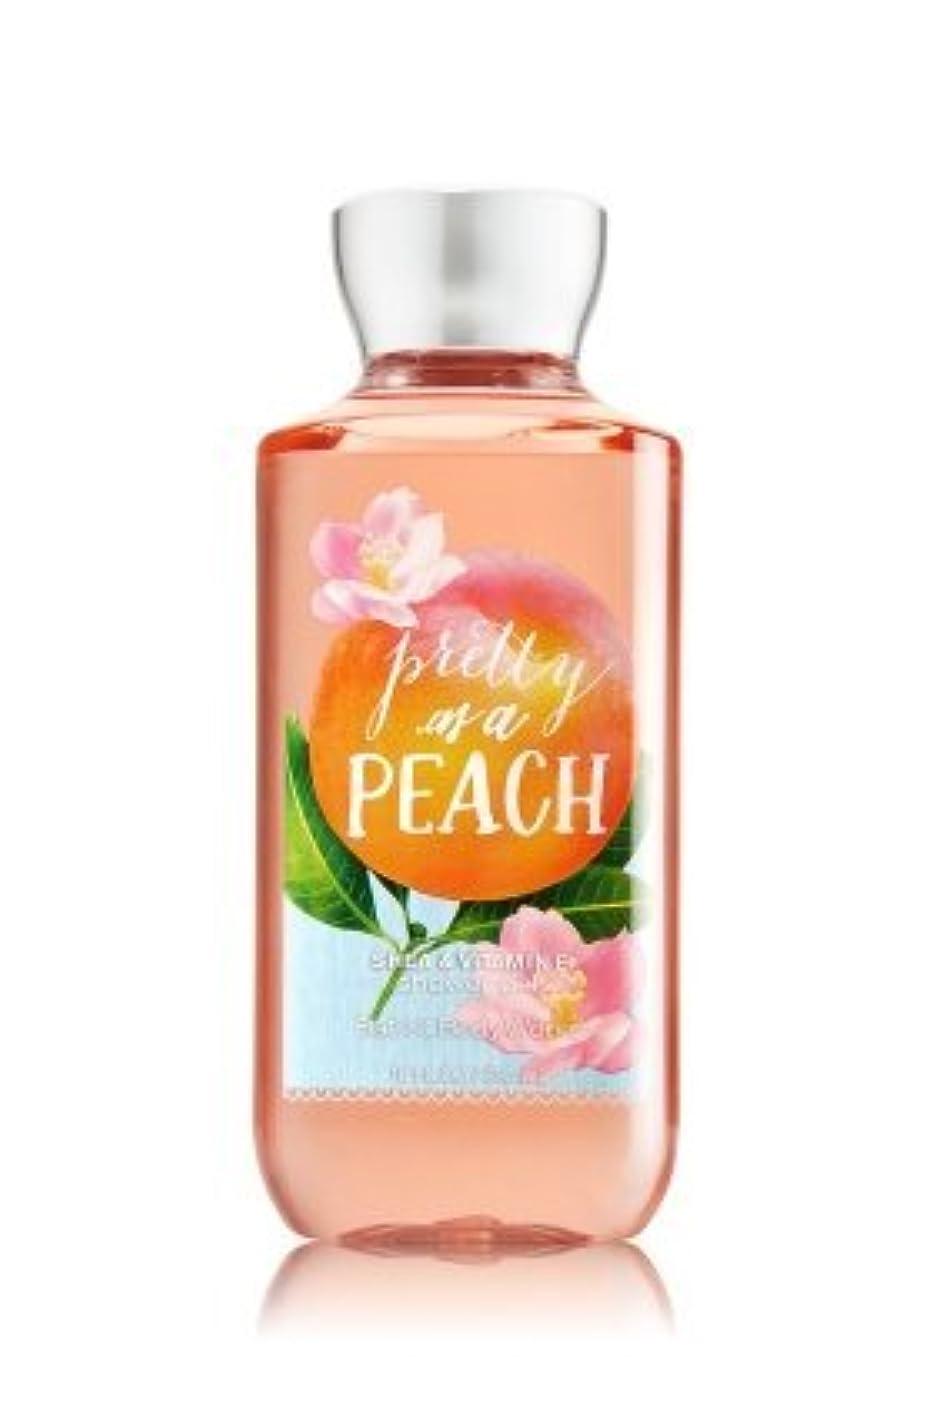 反映する祝福フック【Bath&Body Works/バス&ボディワークス】 シャワージェル プリティーアズアピーチ Shower Gel Pretty as a Peach 10 fl oz / 295 mL [並行輸入品]